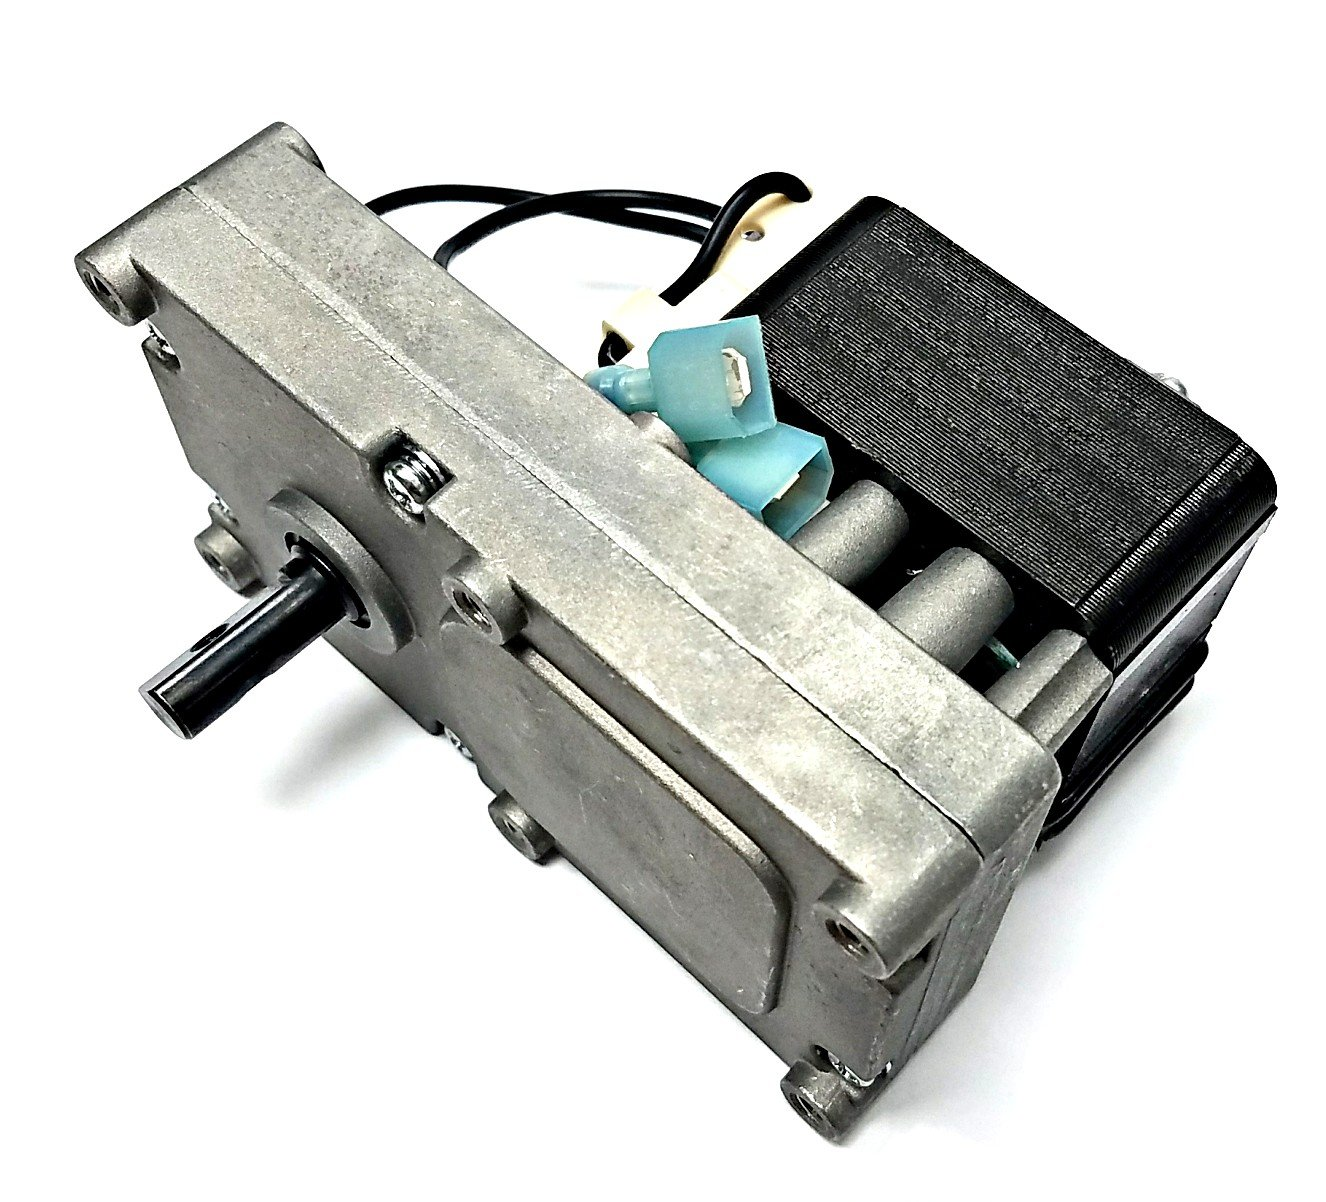 Quadrafire Pellet 1100i - 812-1220 - 2 RPM Auger Motor - 2 Year Warranty!!